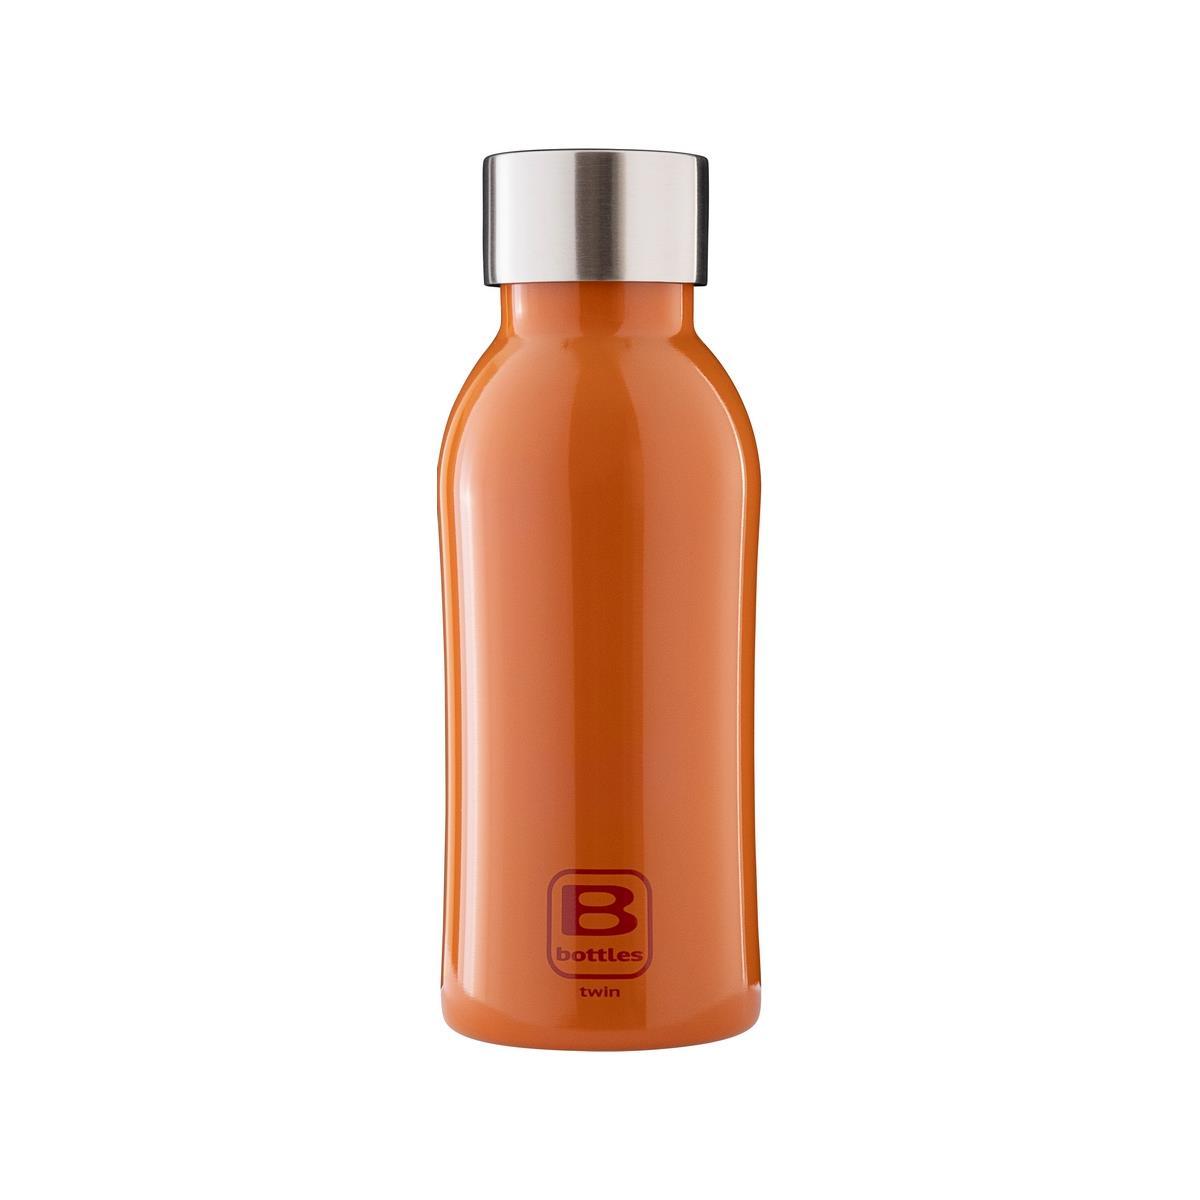 B Bottles Twin - Orange Lucido - 350 ml - Bottiglia Termica a doppia parete in acciaio inox 18/10